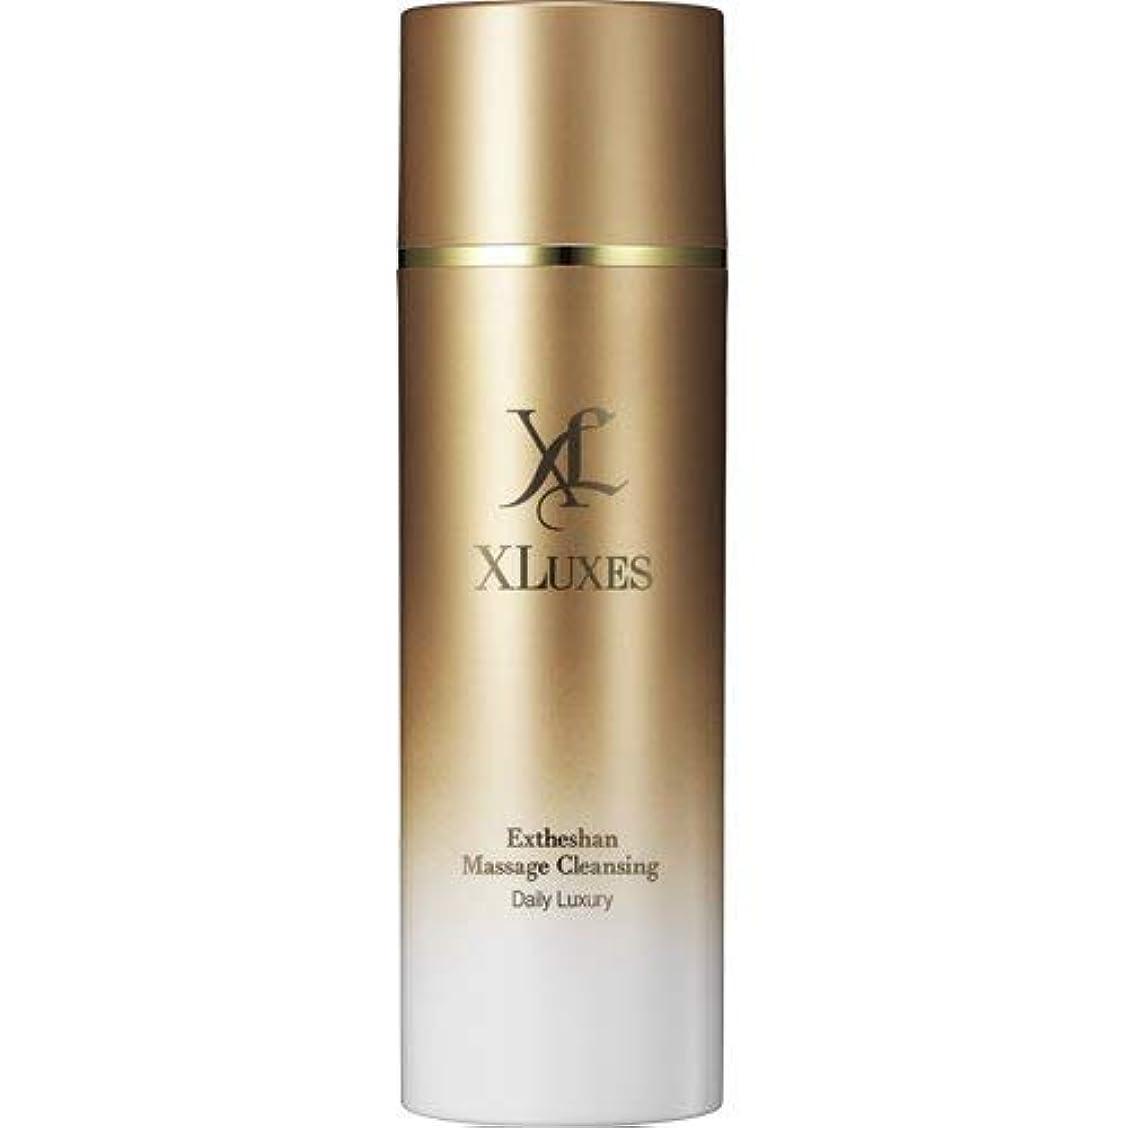 予防接種する落胆した悪因子XLUXES クレンジング [ヒト幹細胞 培養液配合] エグゼティシャン マッサージクレンジング (ダマスクローズの香り) メイク落とし